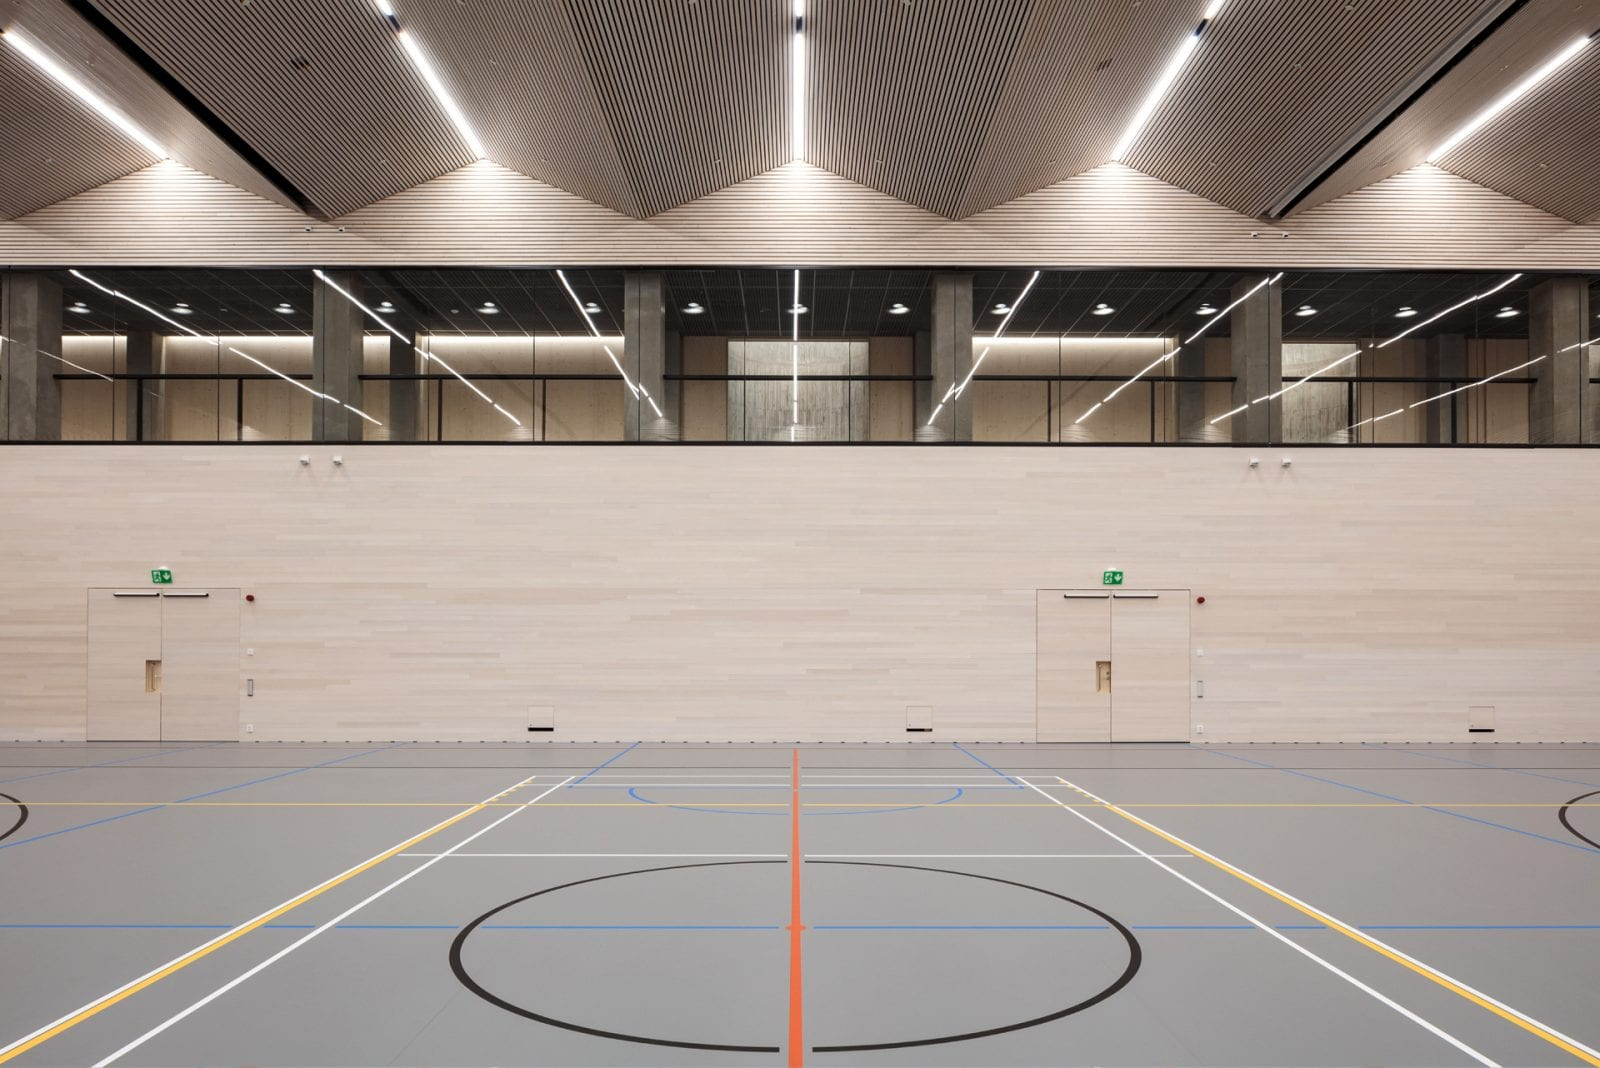 Unterirdische Sporthalle (unter dem Olympiastadion Helsinki; Foto: Tuomas Uusheimo)